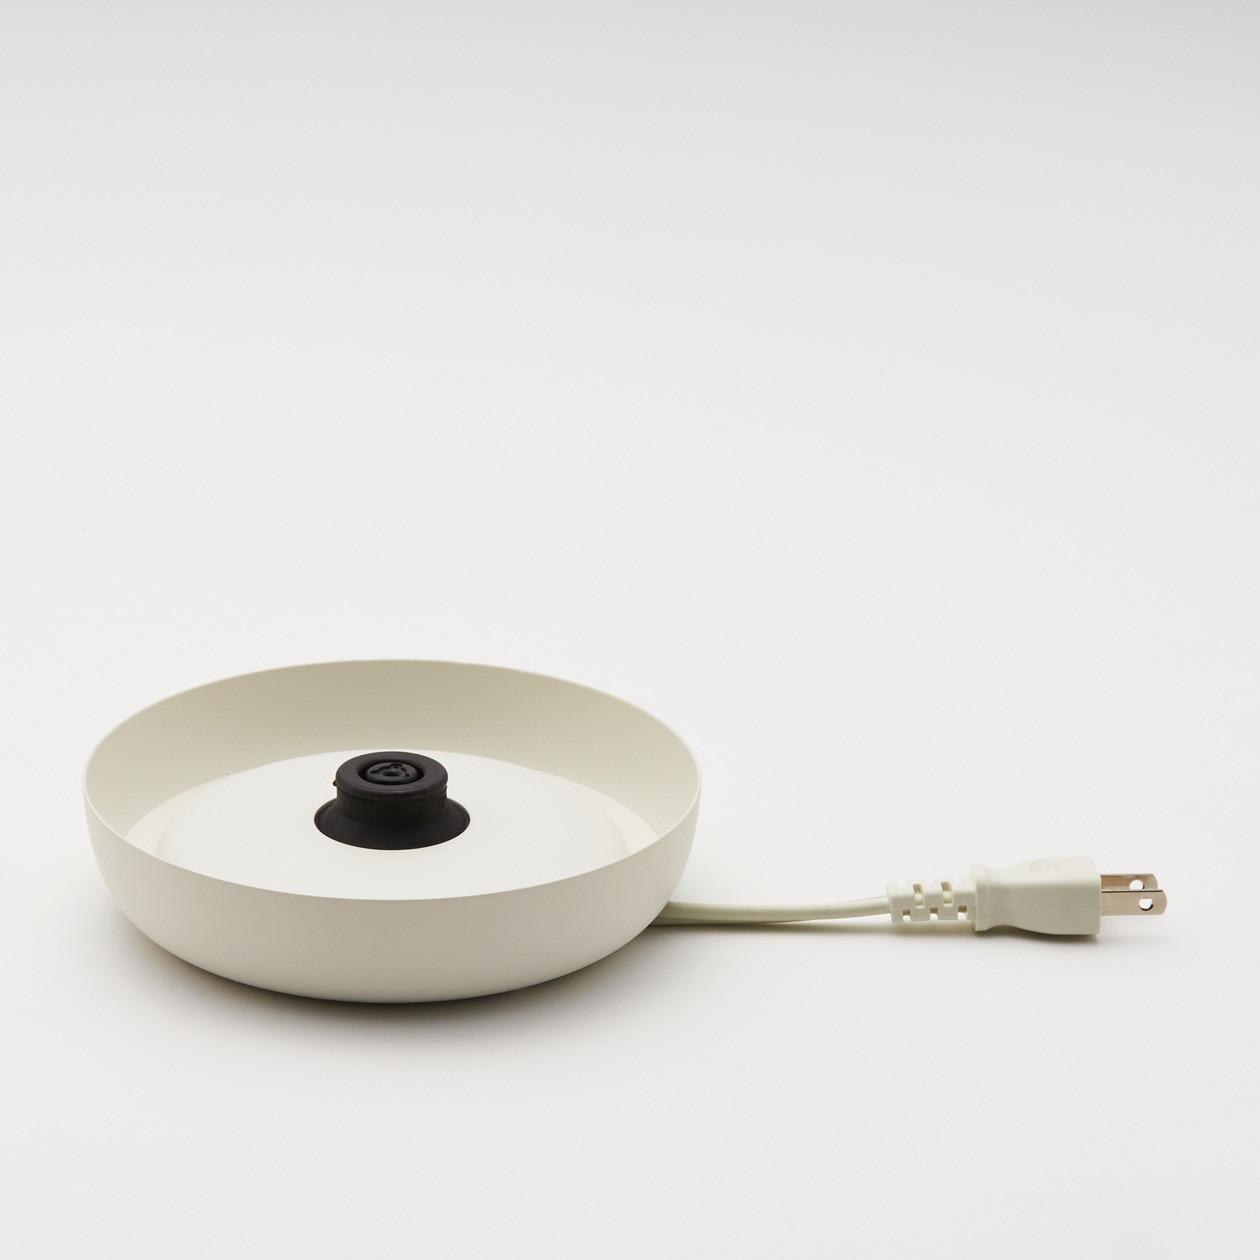 bowl base